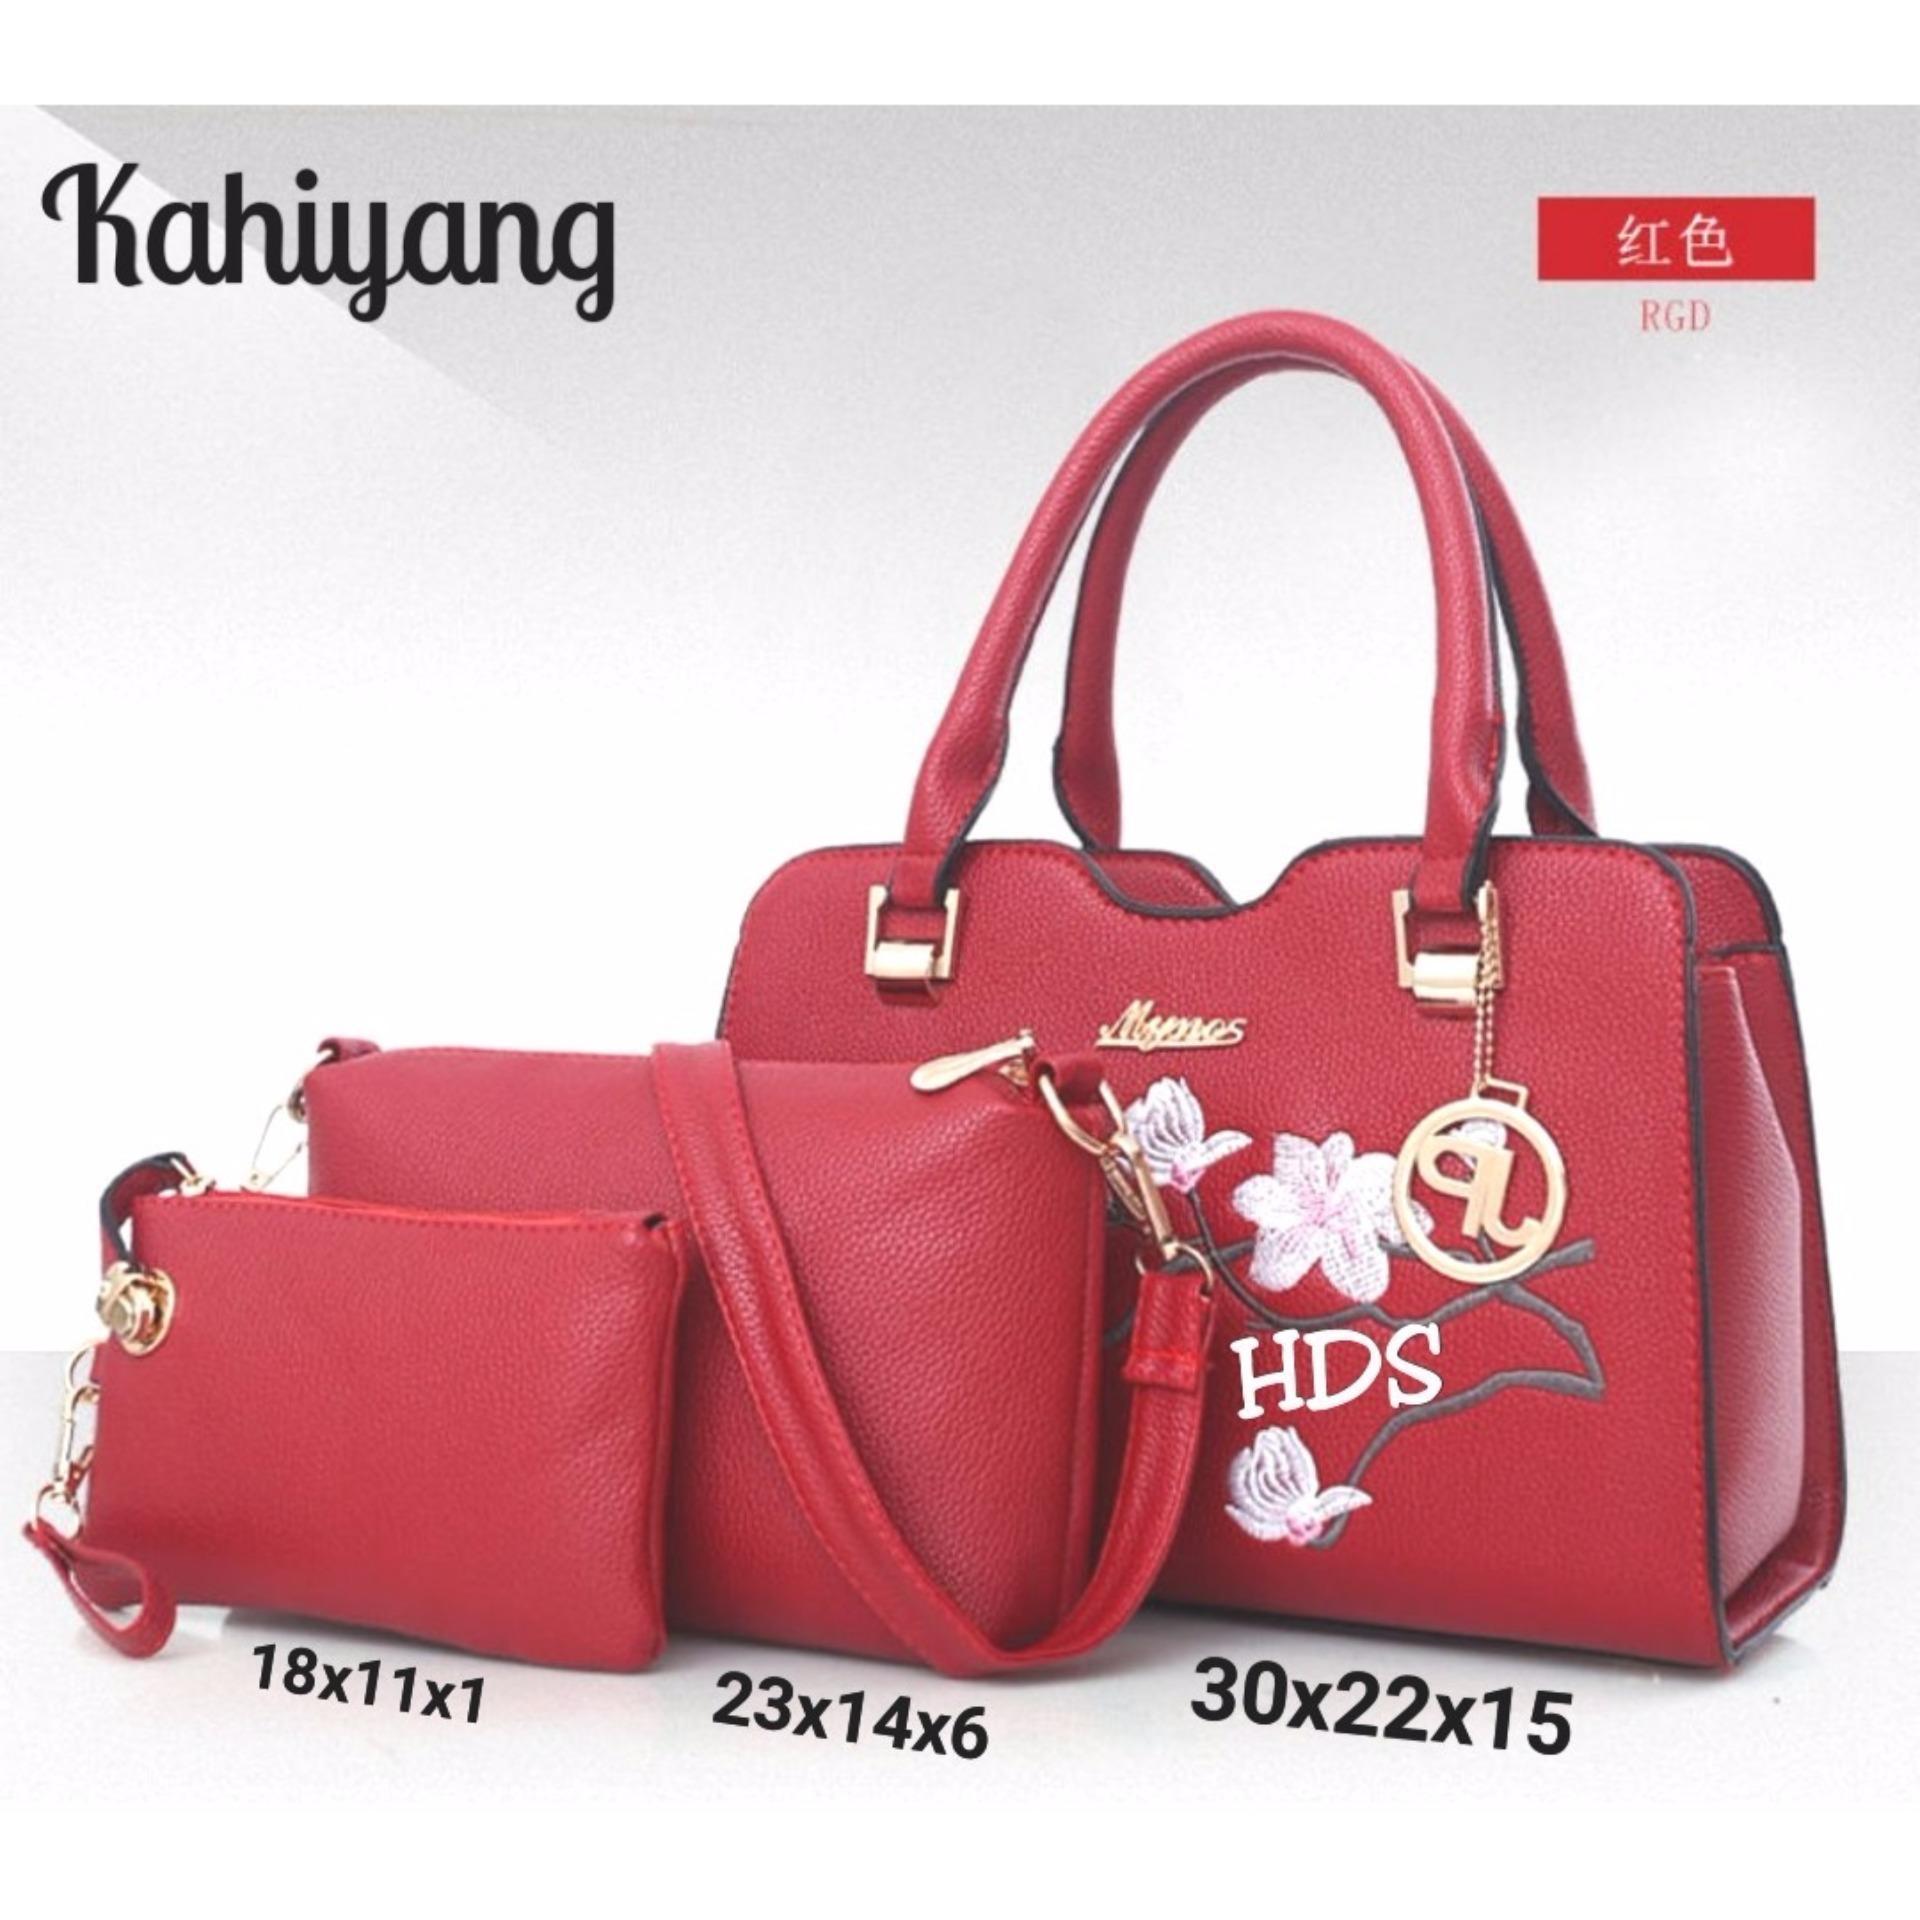 Tas wanita cewek paket 3in1 murah hand bag kantor elegan kado istri Source ·